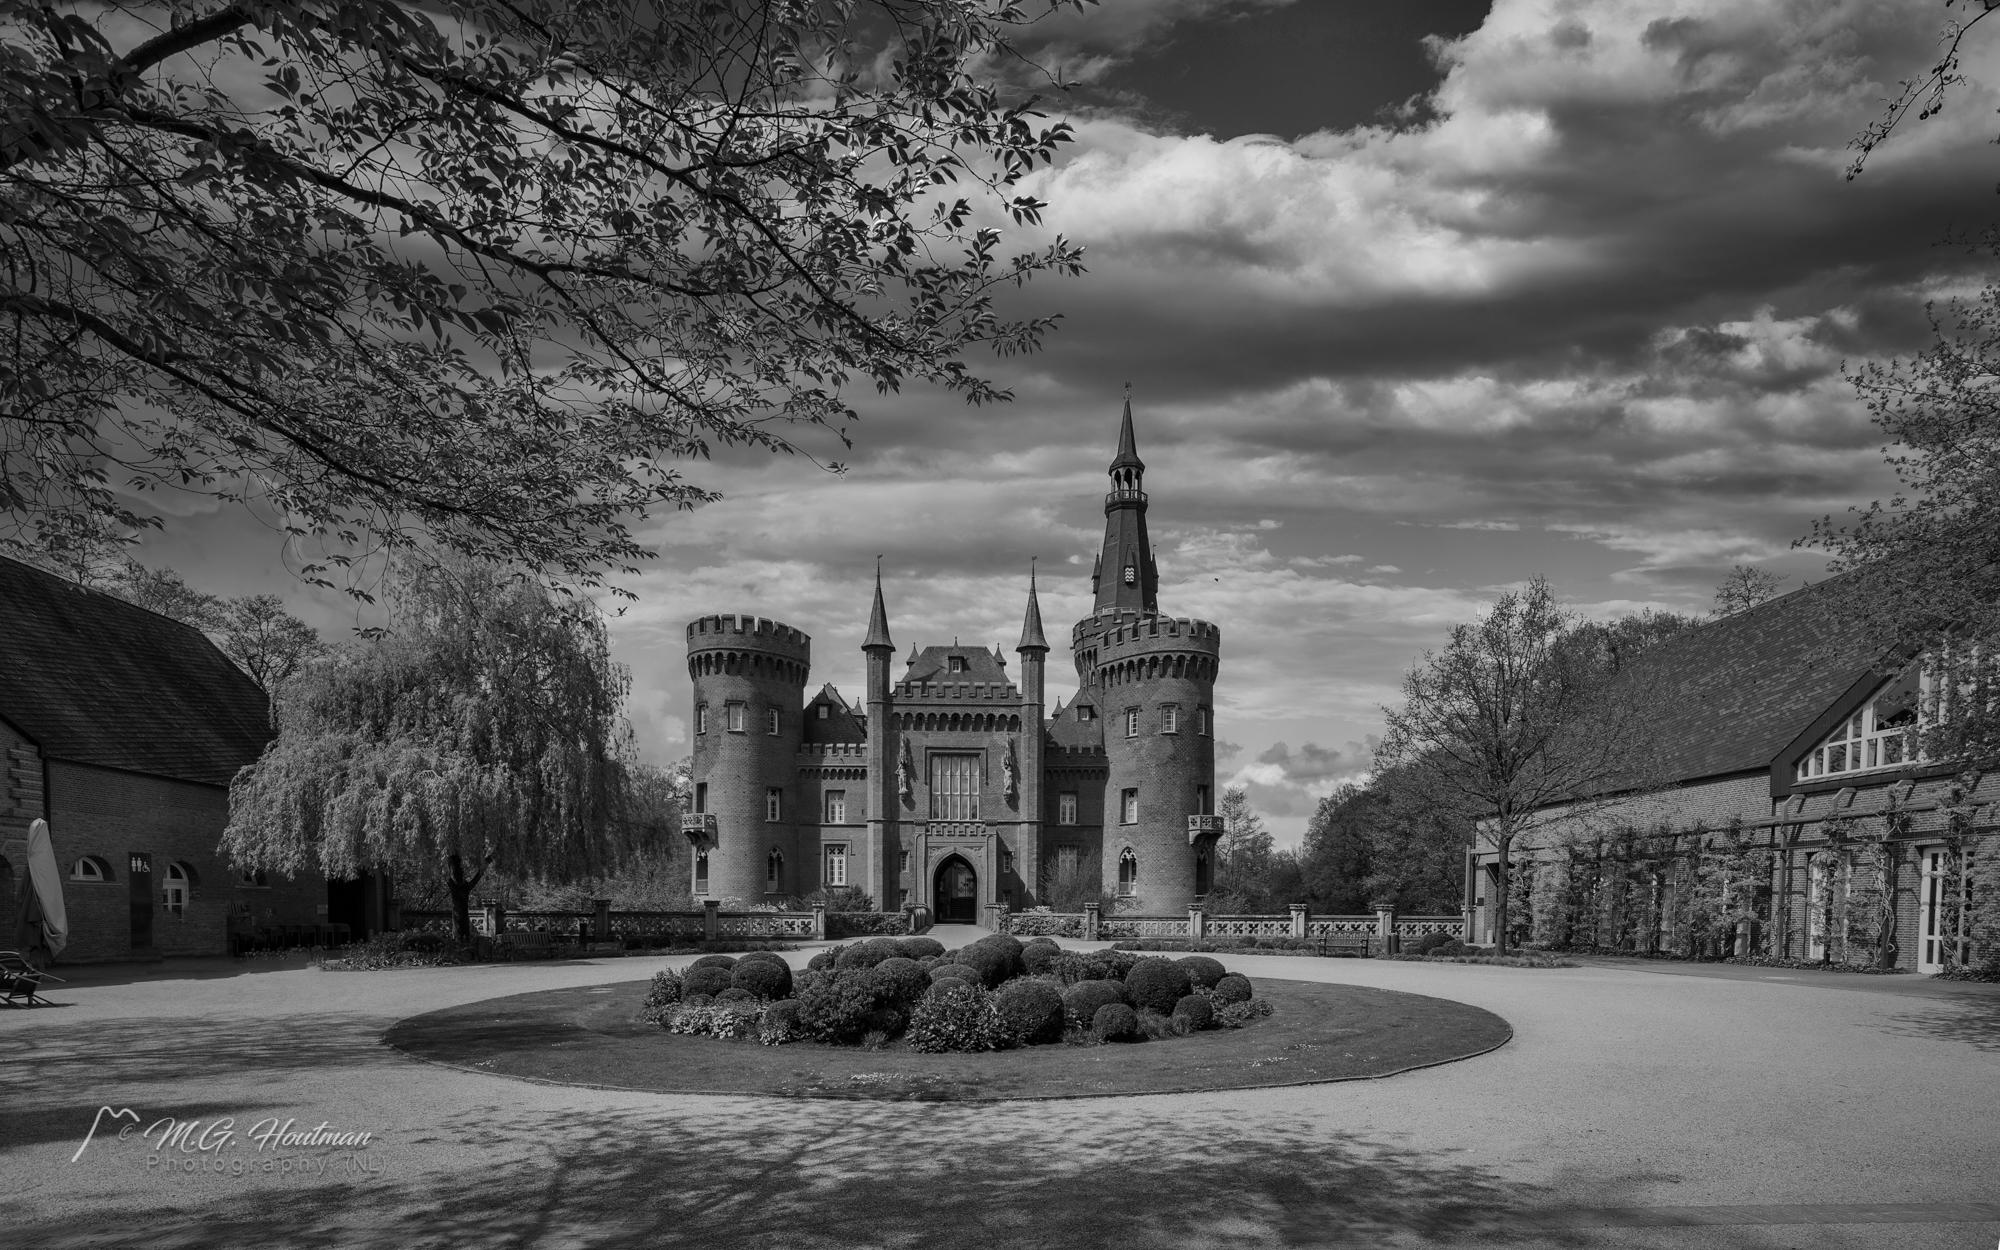 een neogotisch kasteel in de gemeente Bedburg-Hau nabij Kleef in Duitsland. Het ligt in het dorp Till-Moyland.